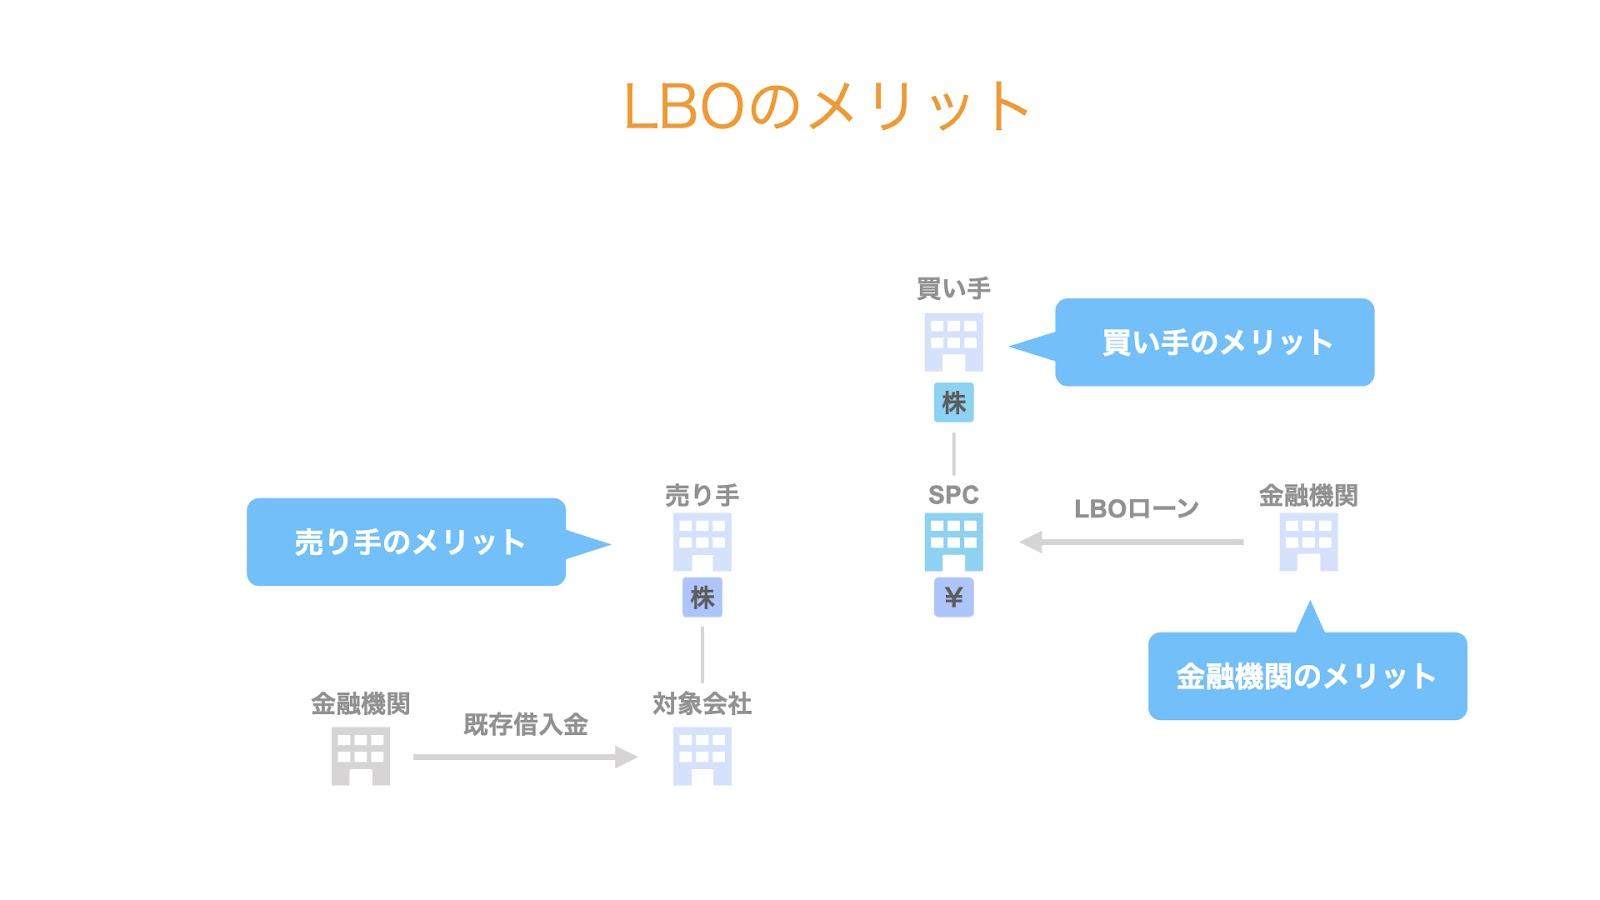 LBOのメリット